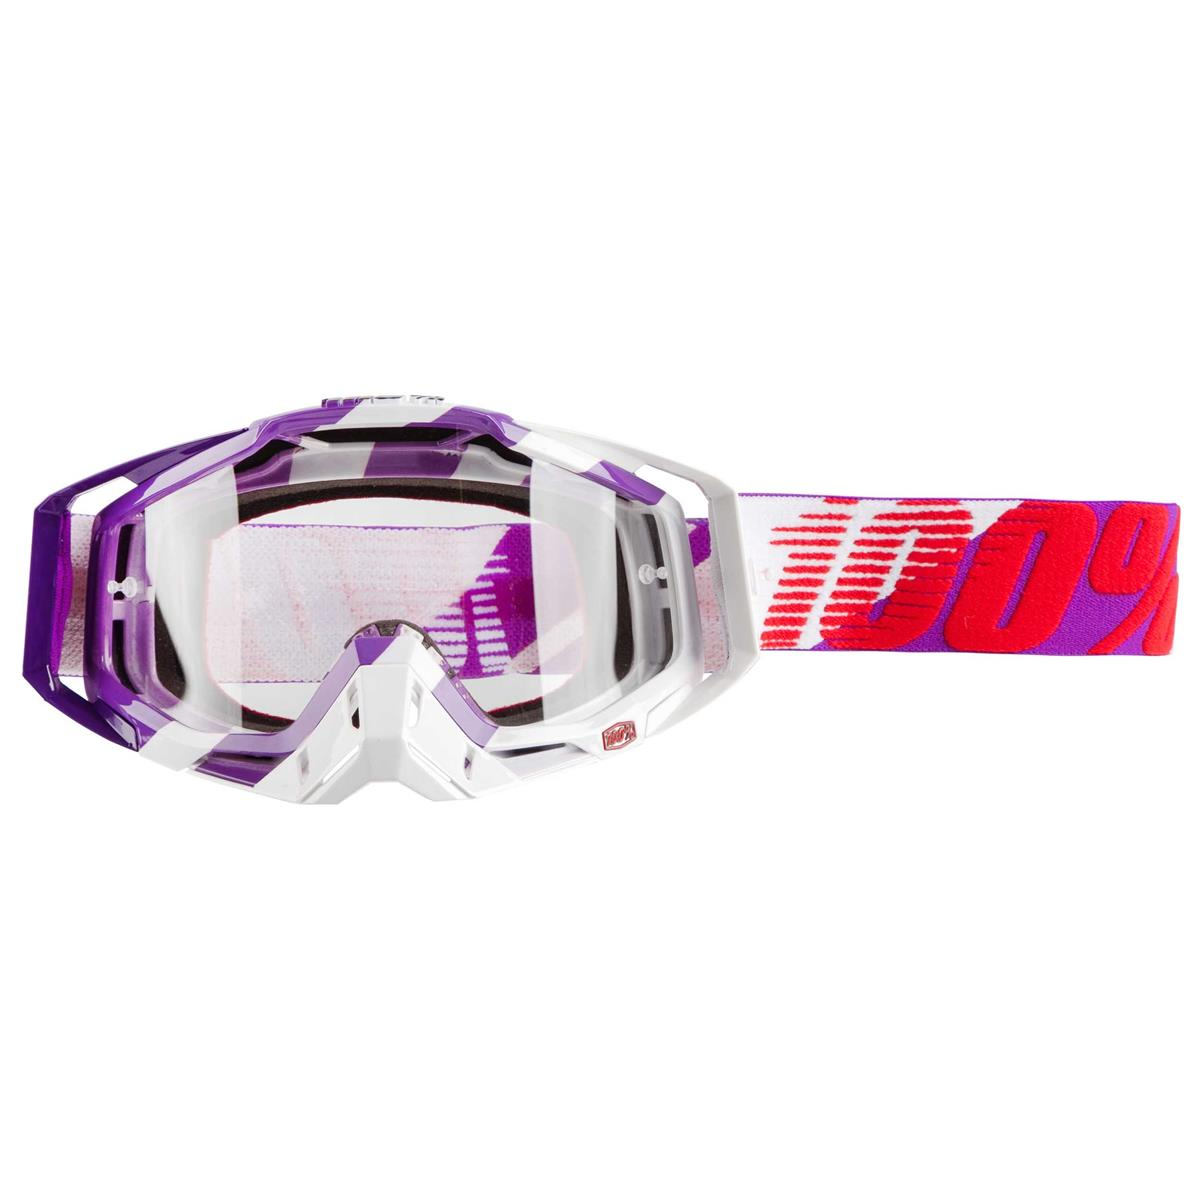 100% Crossbrille The Racecraft Purple Main - Klar